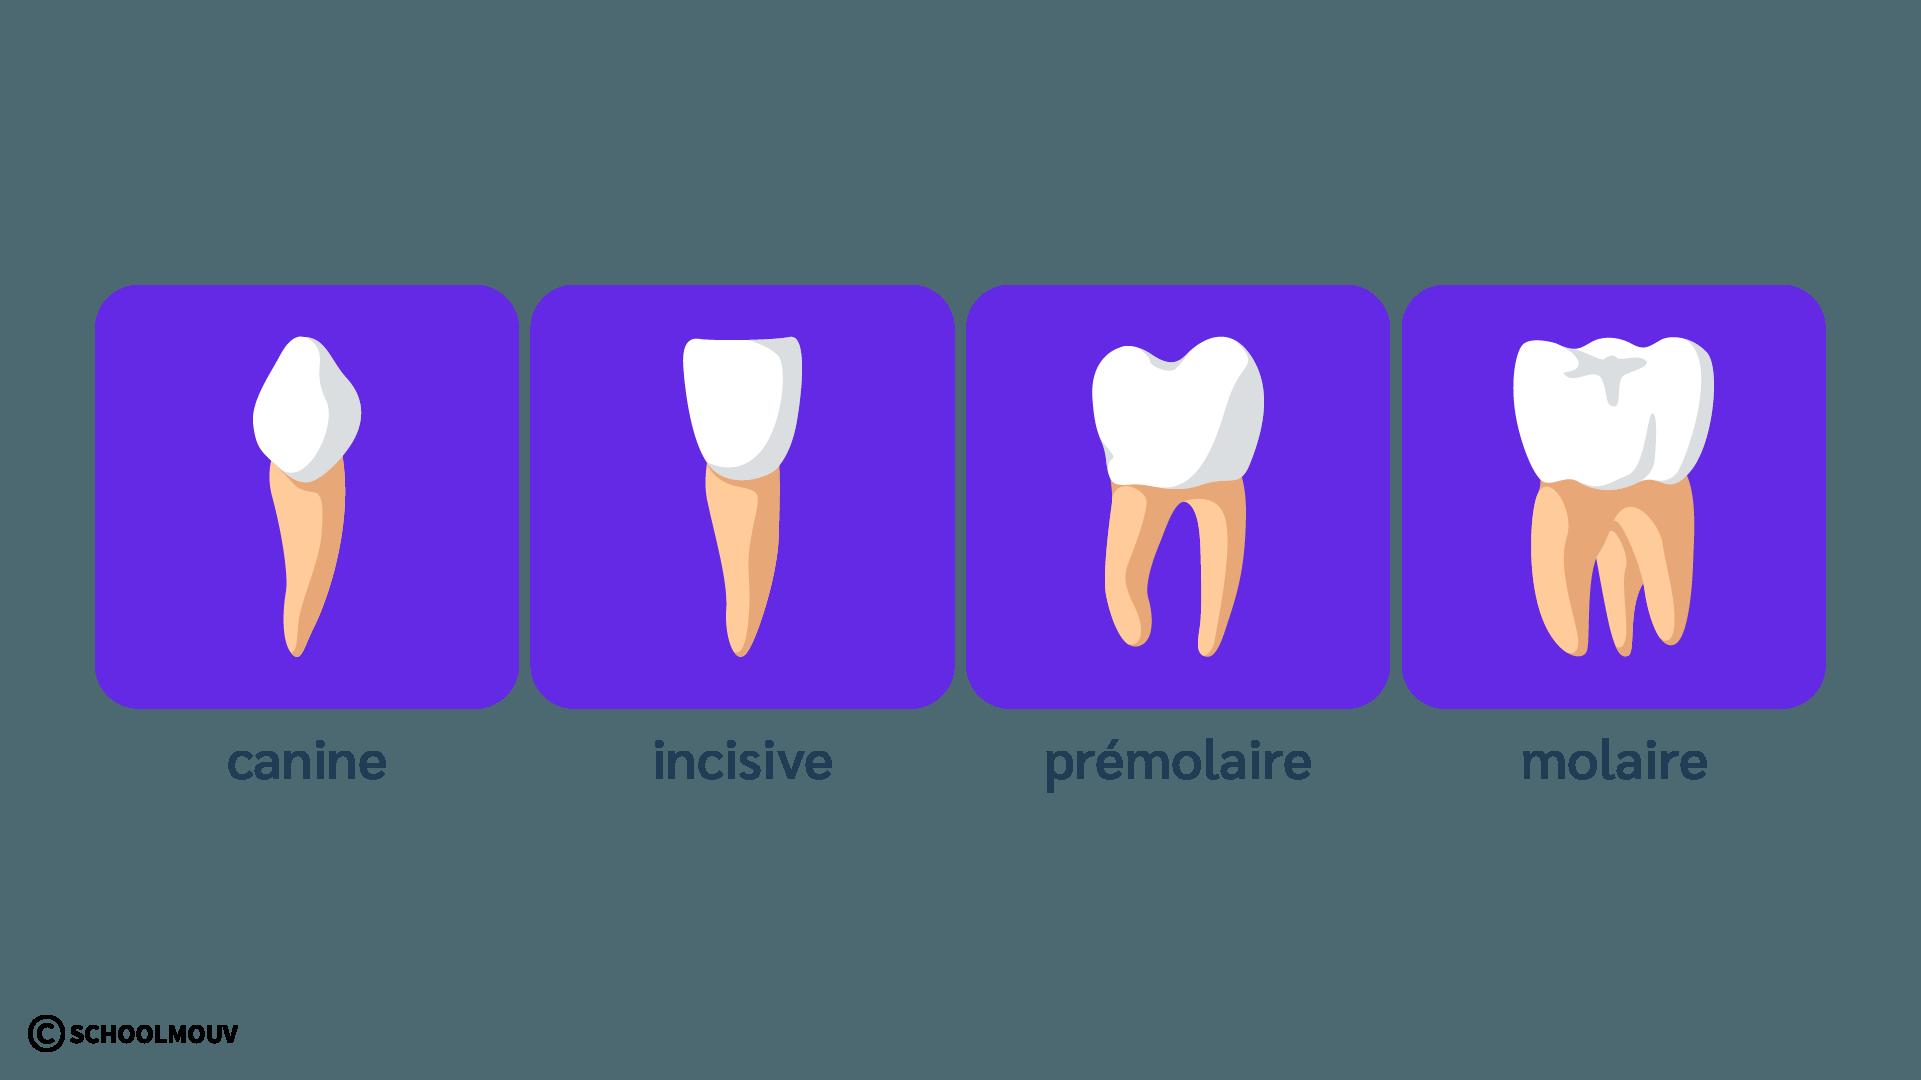 Dents - Incisive - Canine - Molaire - Prémolaire - Dentition - SchoolMouv - Sciences - CP